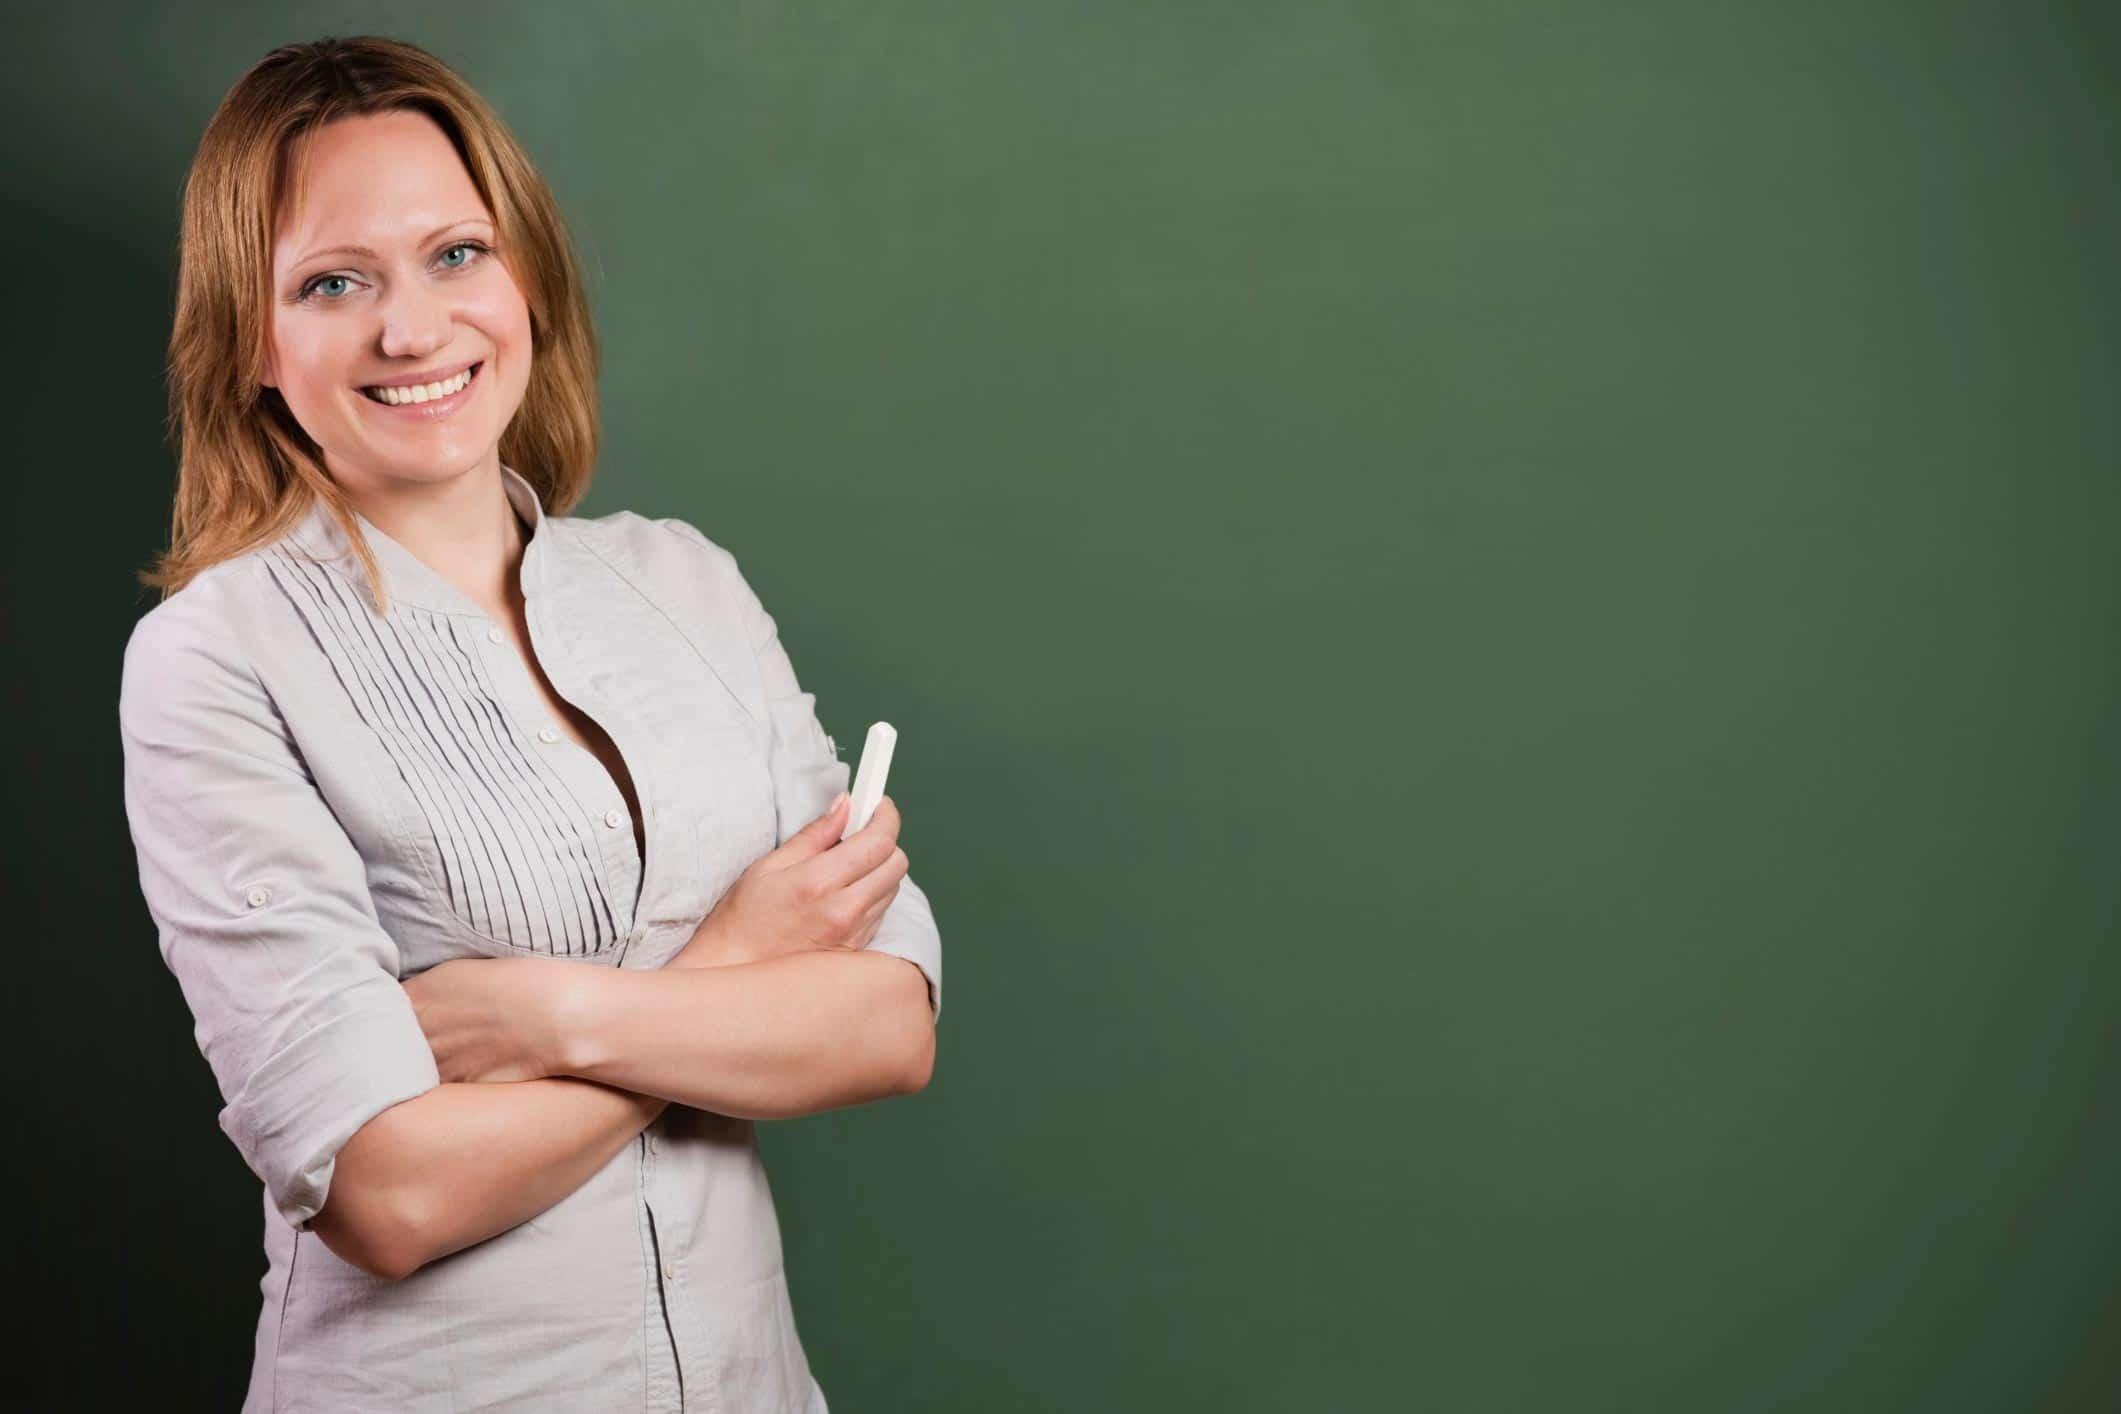 Almanca Öğretmenliği 2019 Taban Puanları ve Başarı Sıralamaları